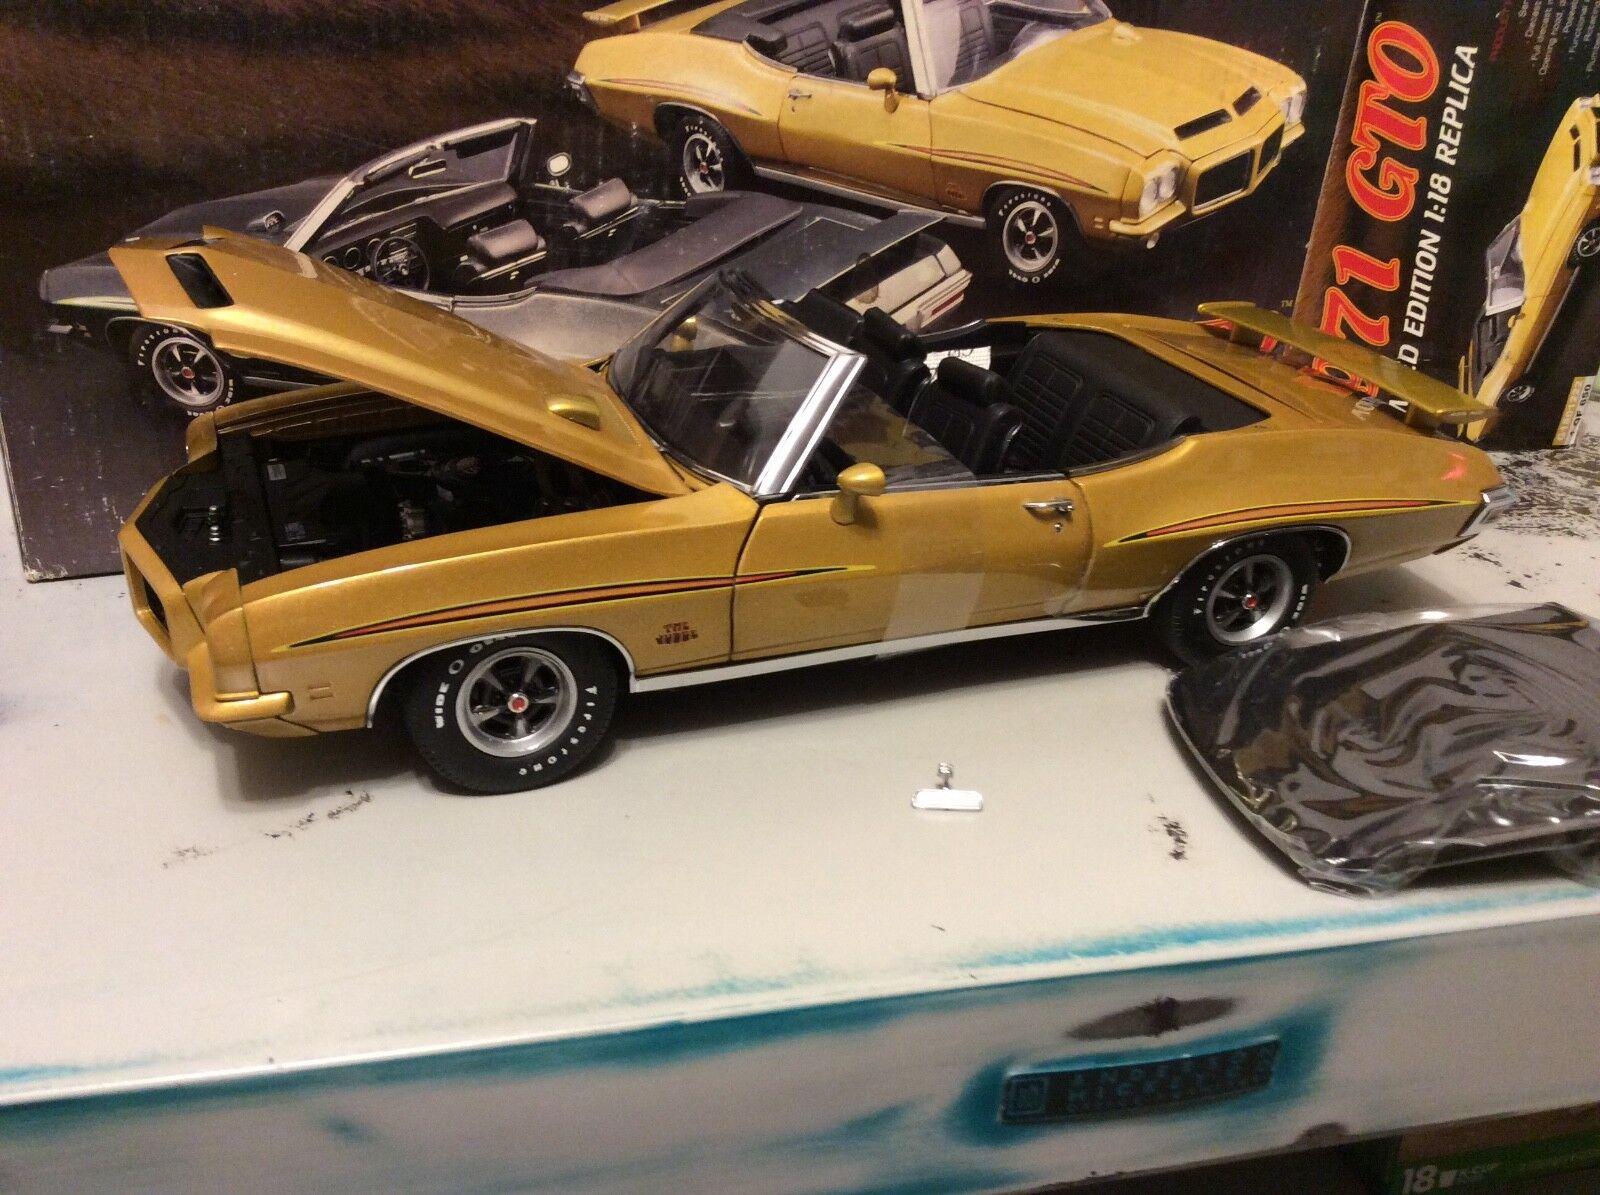 Gmp 1 18 Échelle 1971 Pontiac Gto The  Judge or Convertible 1 de 650  haute qualité et expédition rapide